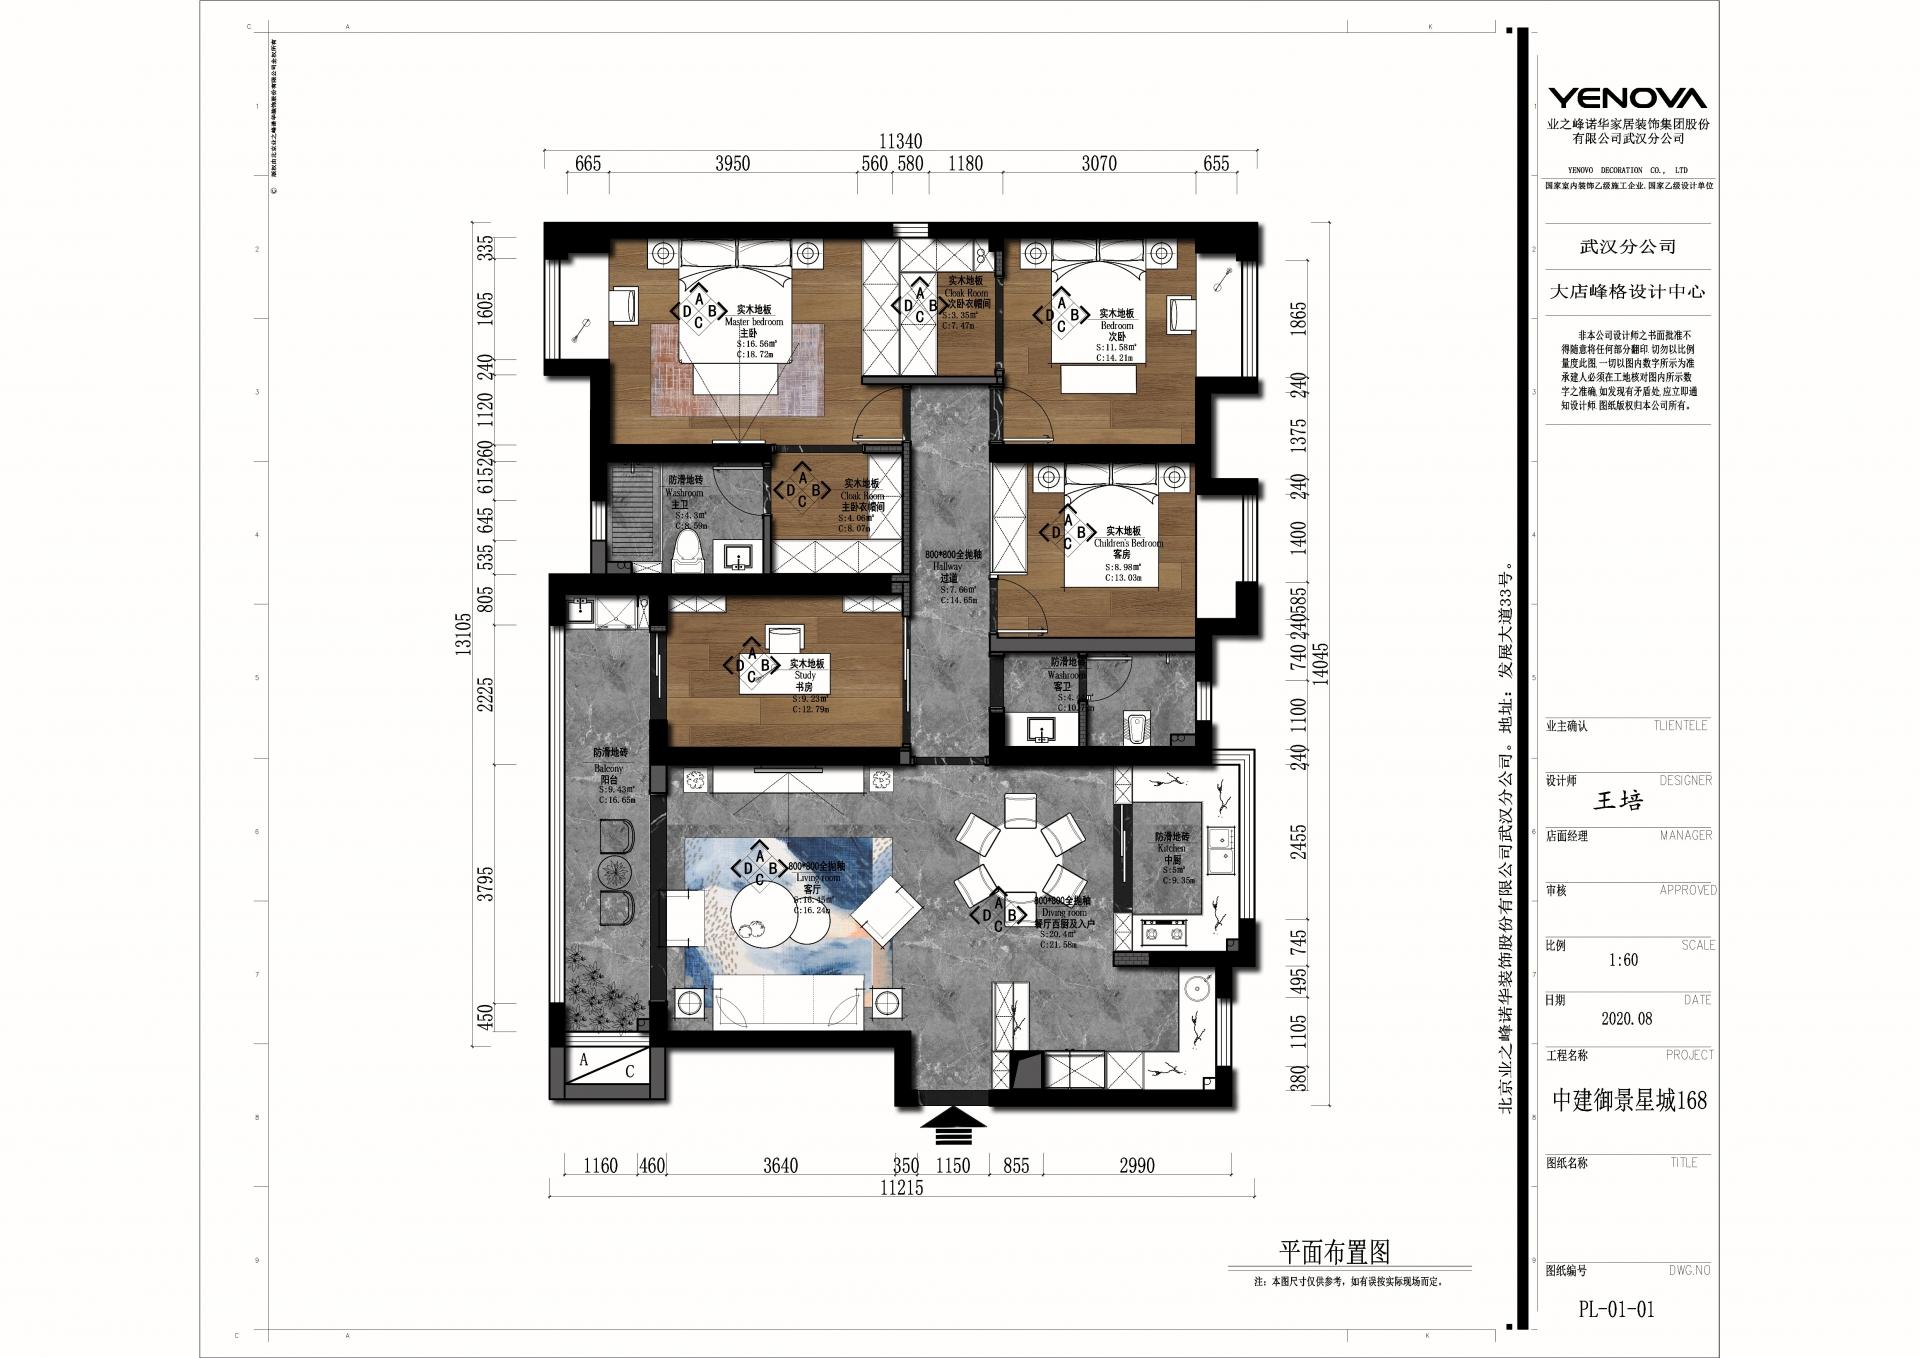 中建御景星城168平-现代轻奢风格图_3